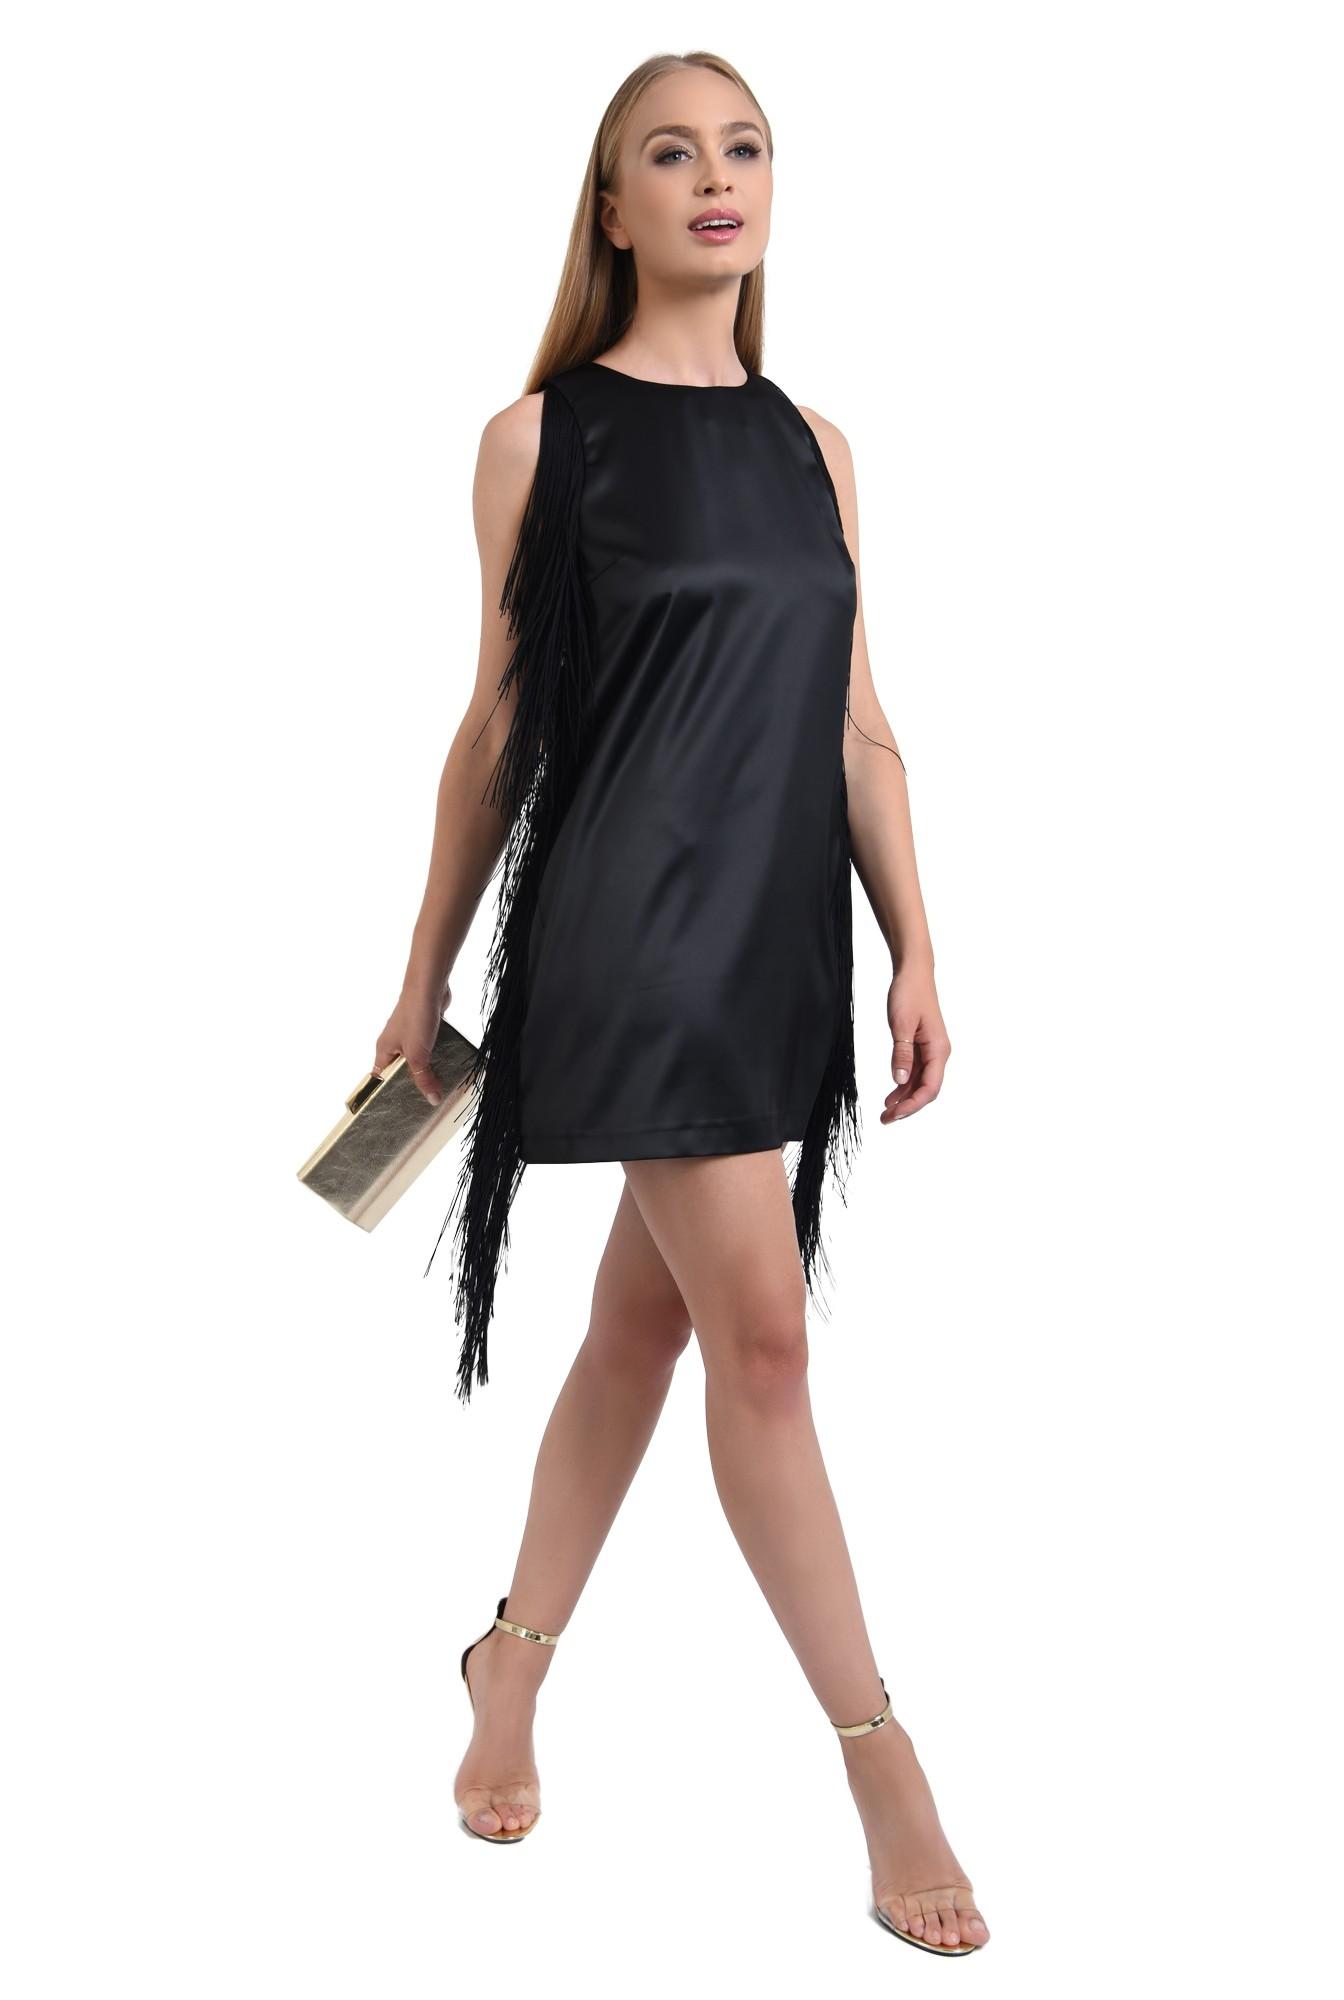 0 - rochie de seara, scurta, satin, cu franjuri, negru